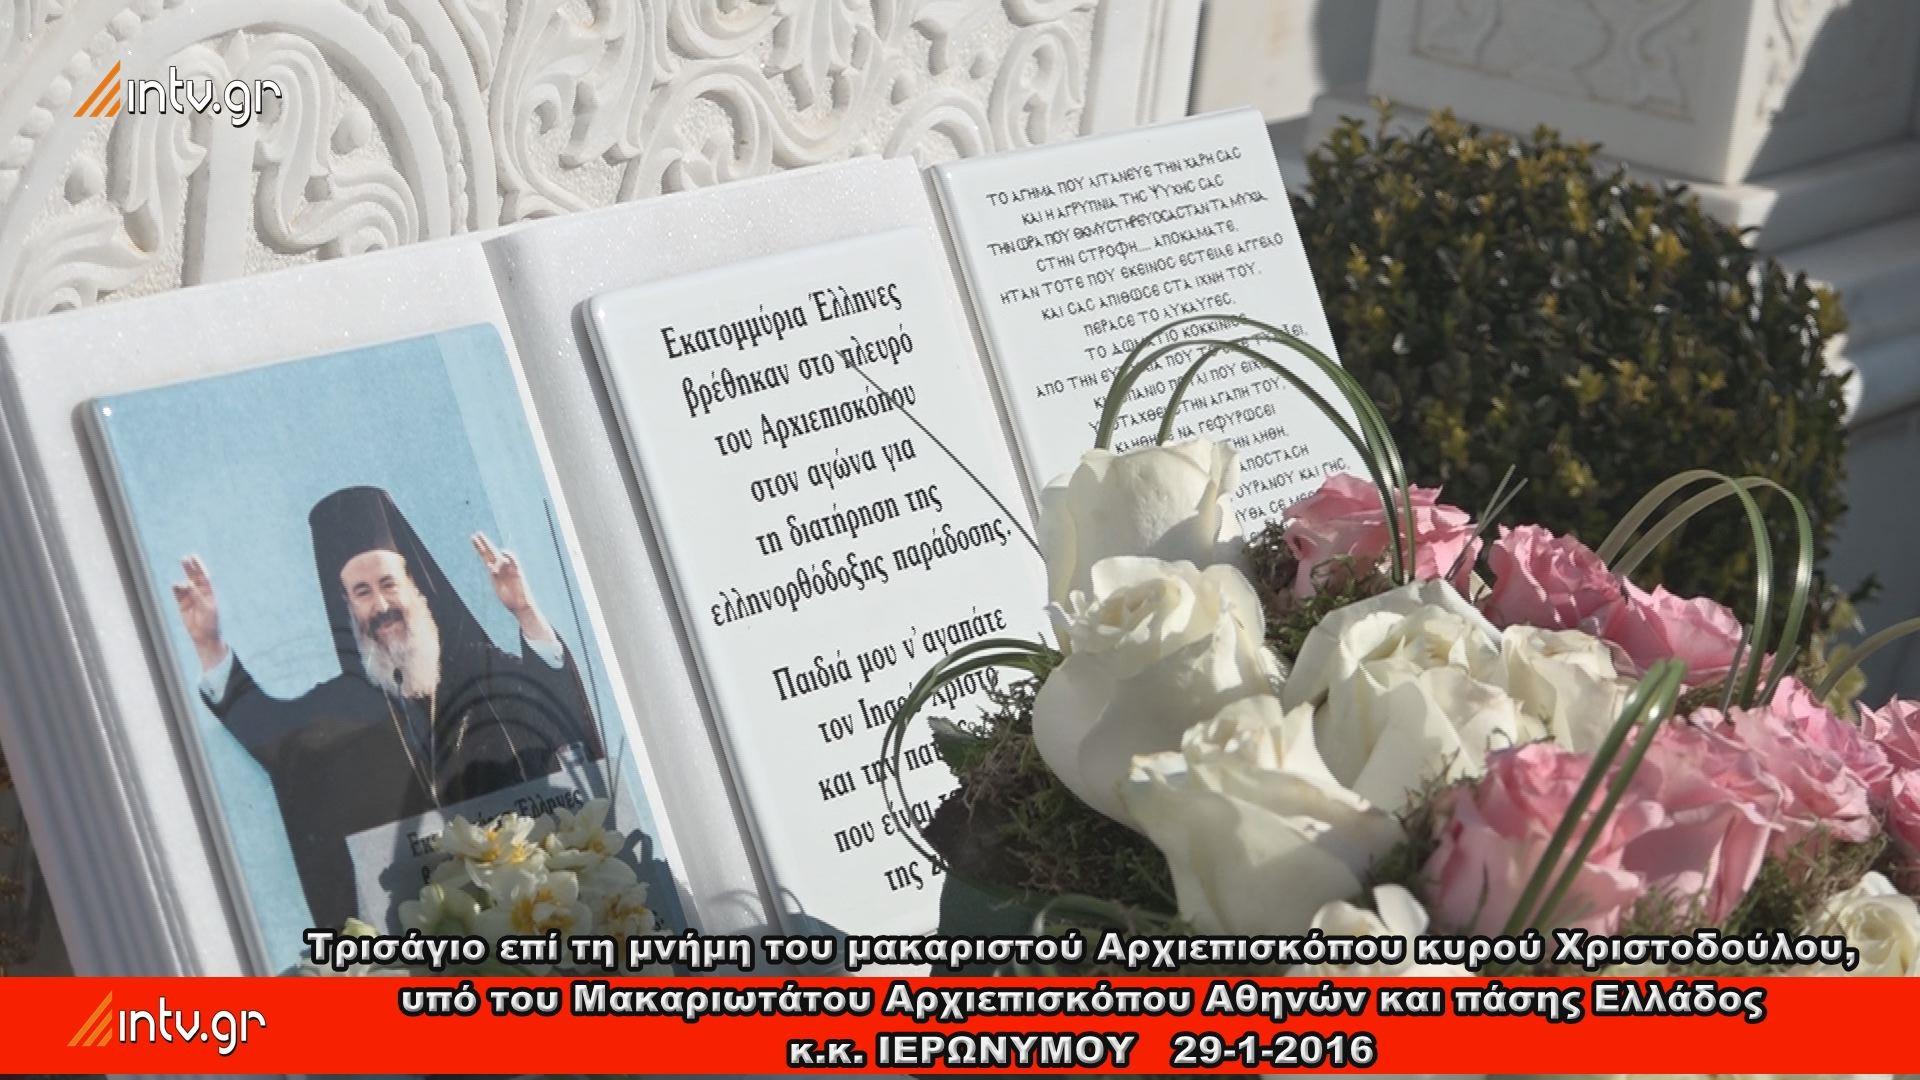 Τρισάγιο επί τη μνήμη του μακαριστού Αρχιεπισκόπου κυρού Χριστοδούλου, υπό του Μακαριωτάτου Αρχιεπισκόπου Αθηνών και πάσης Ελλάδος κ.κ. ΙΕΡΩΝΥΜΟΥ